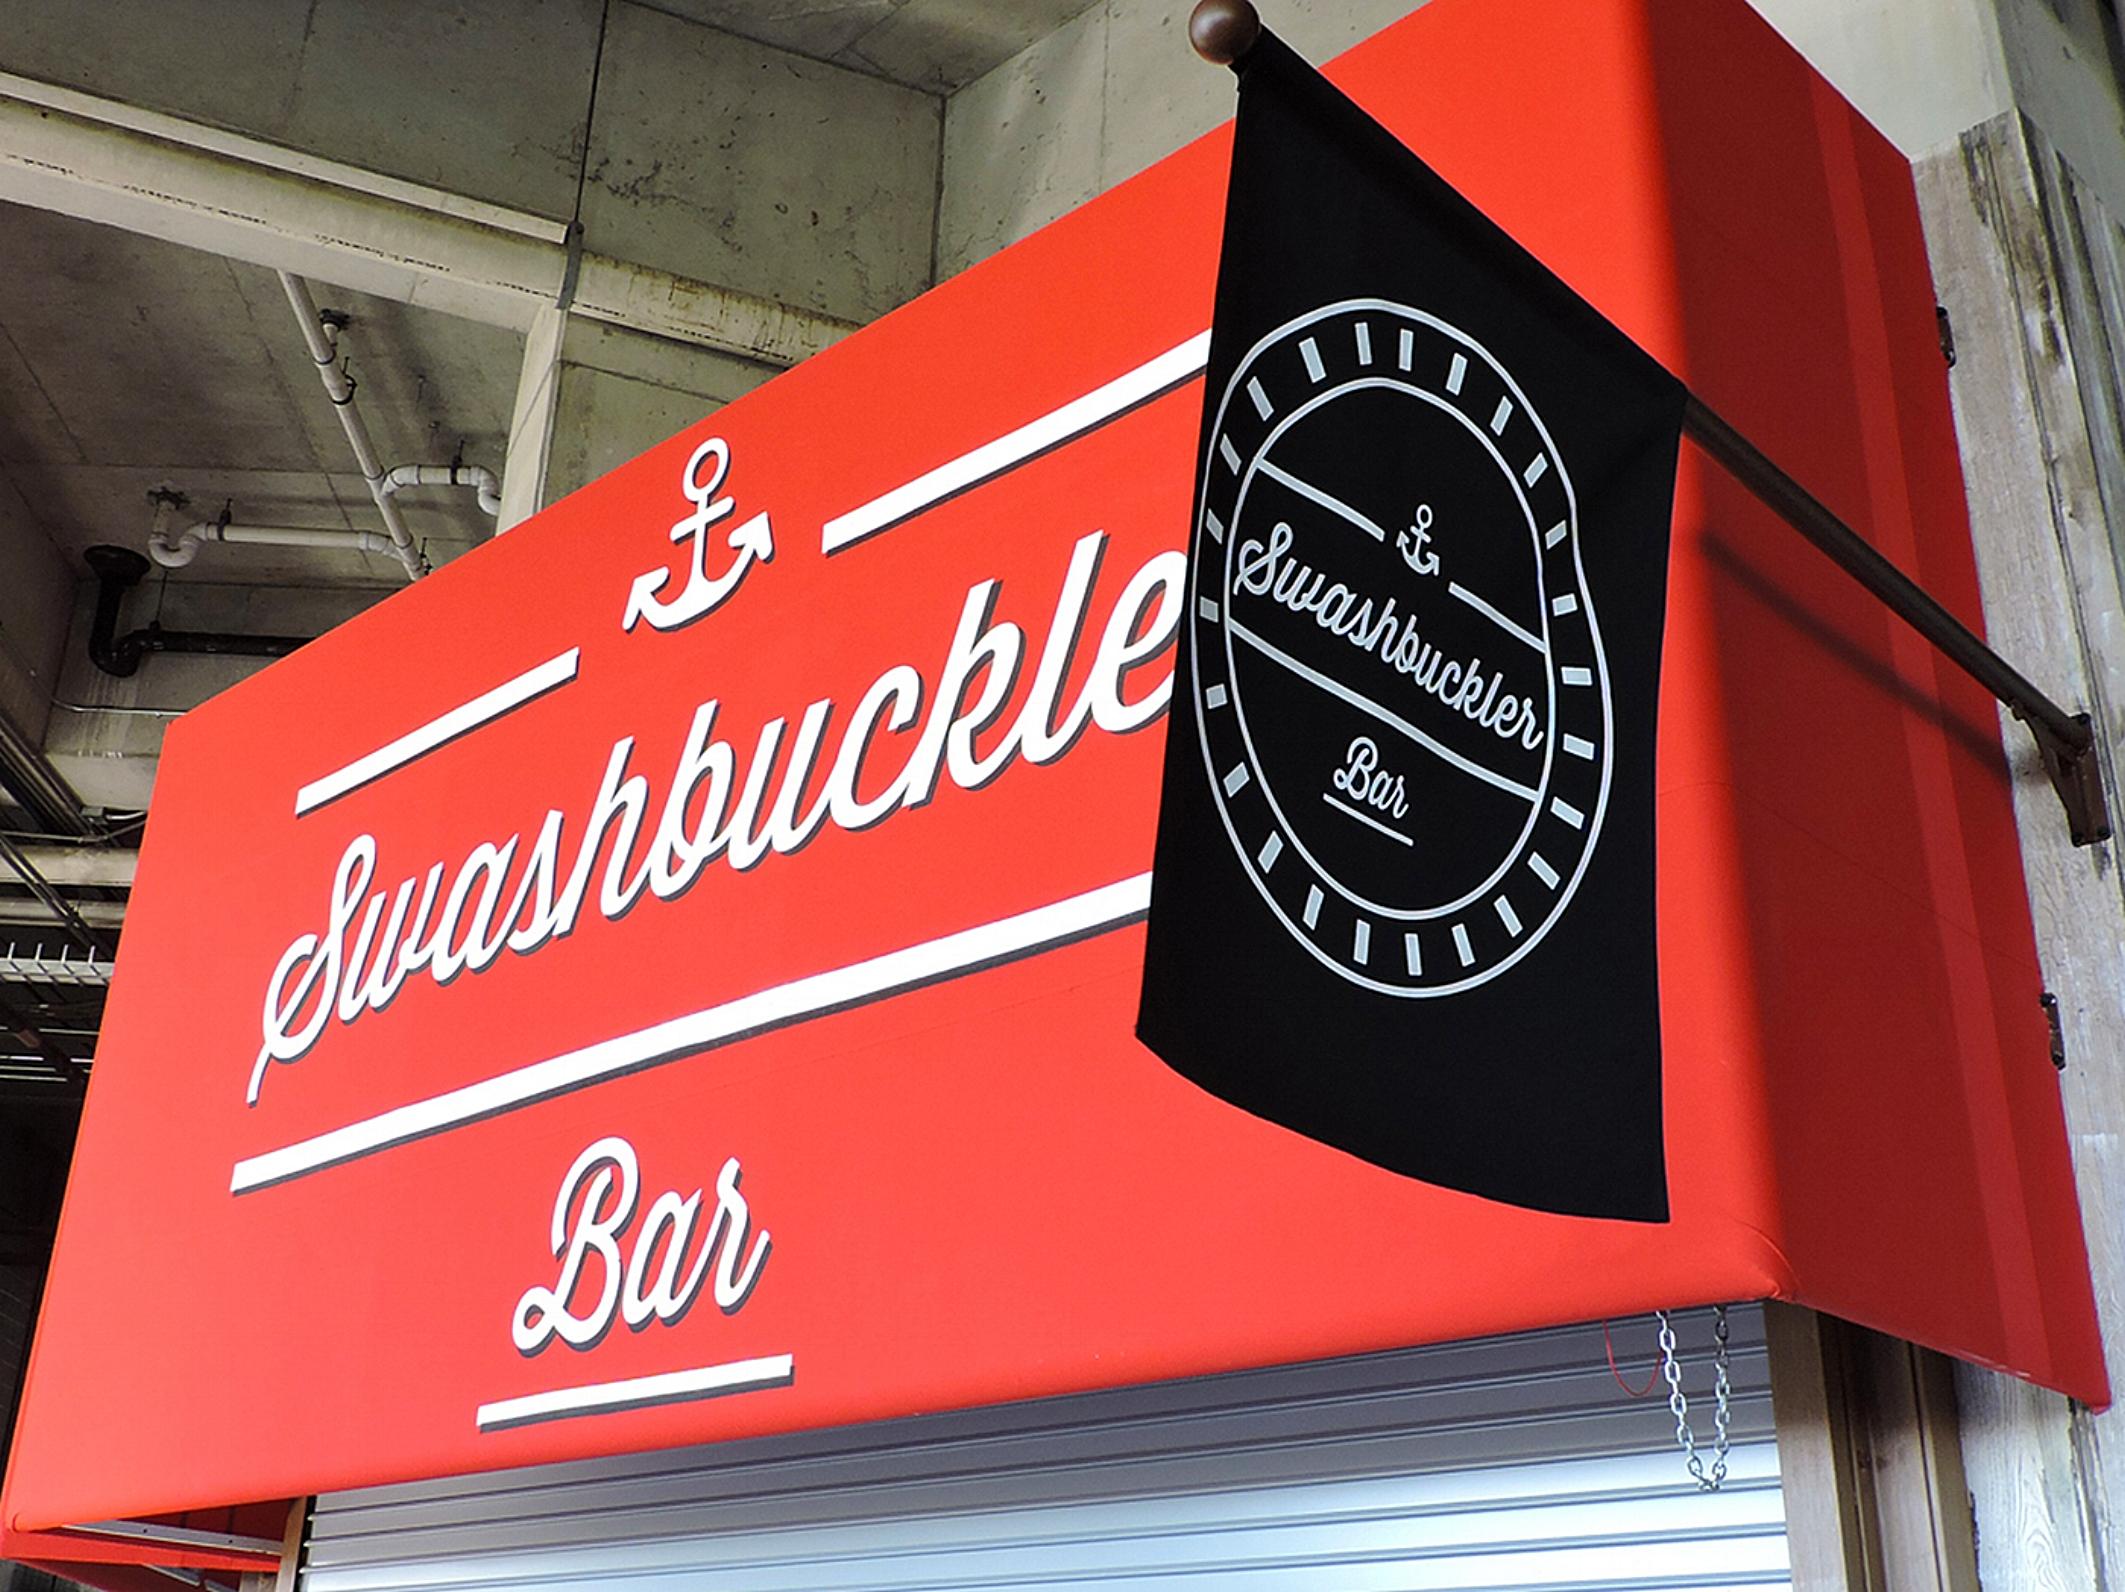 Swashbuckler Bar